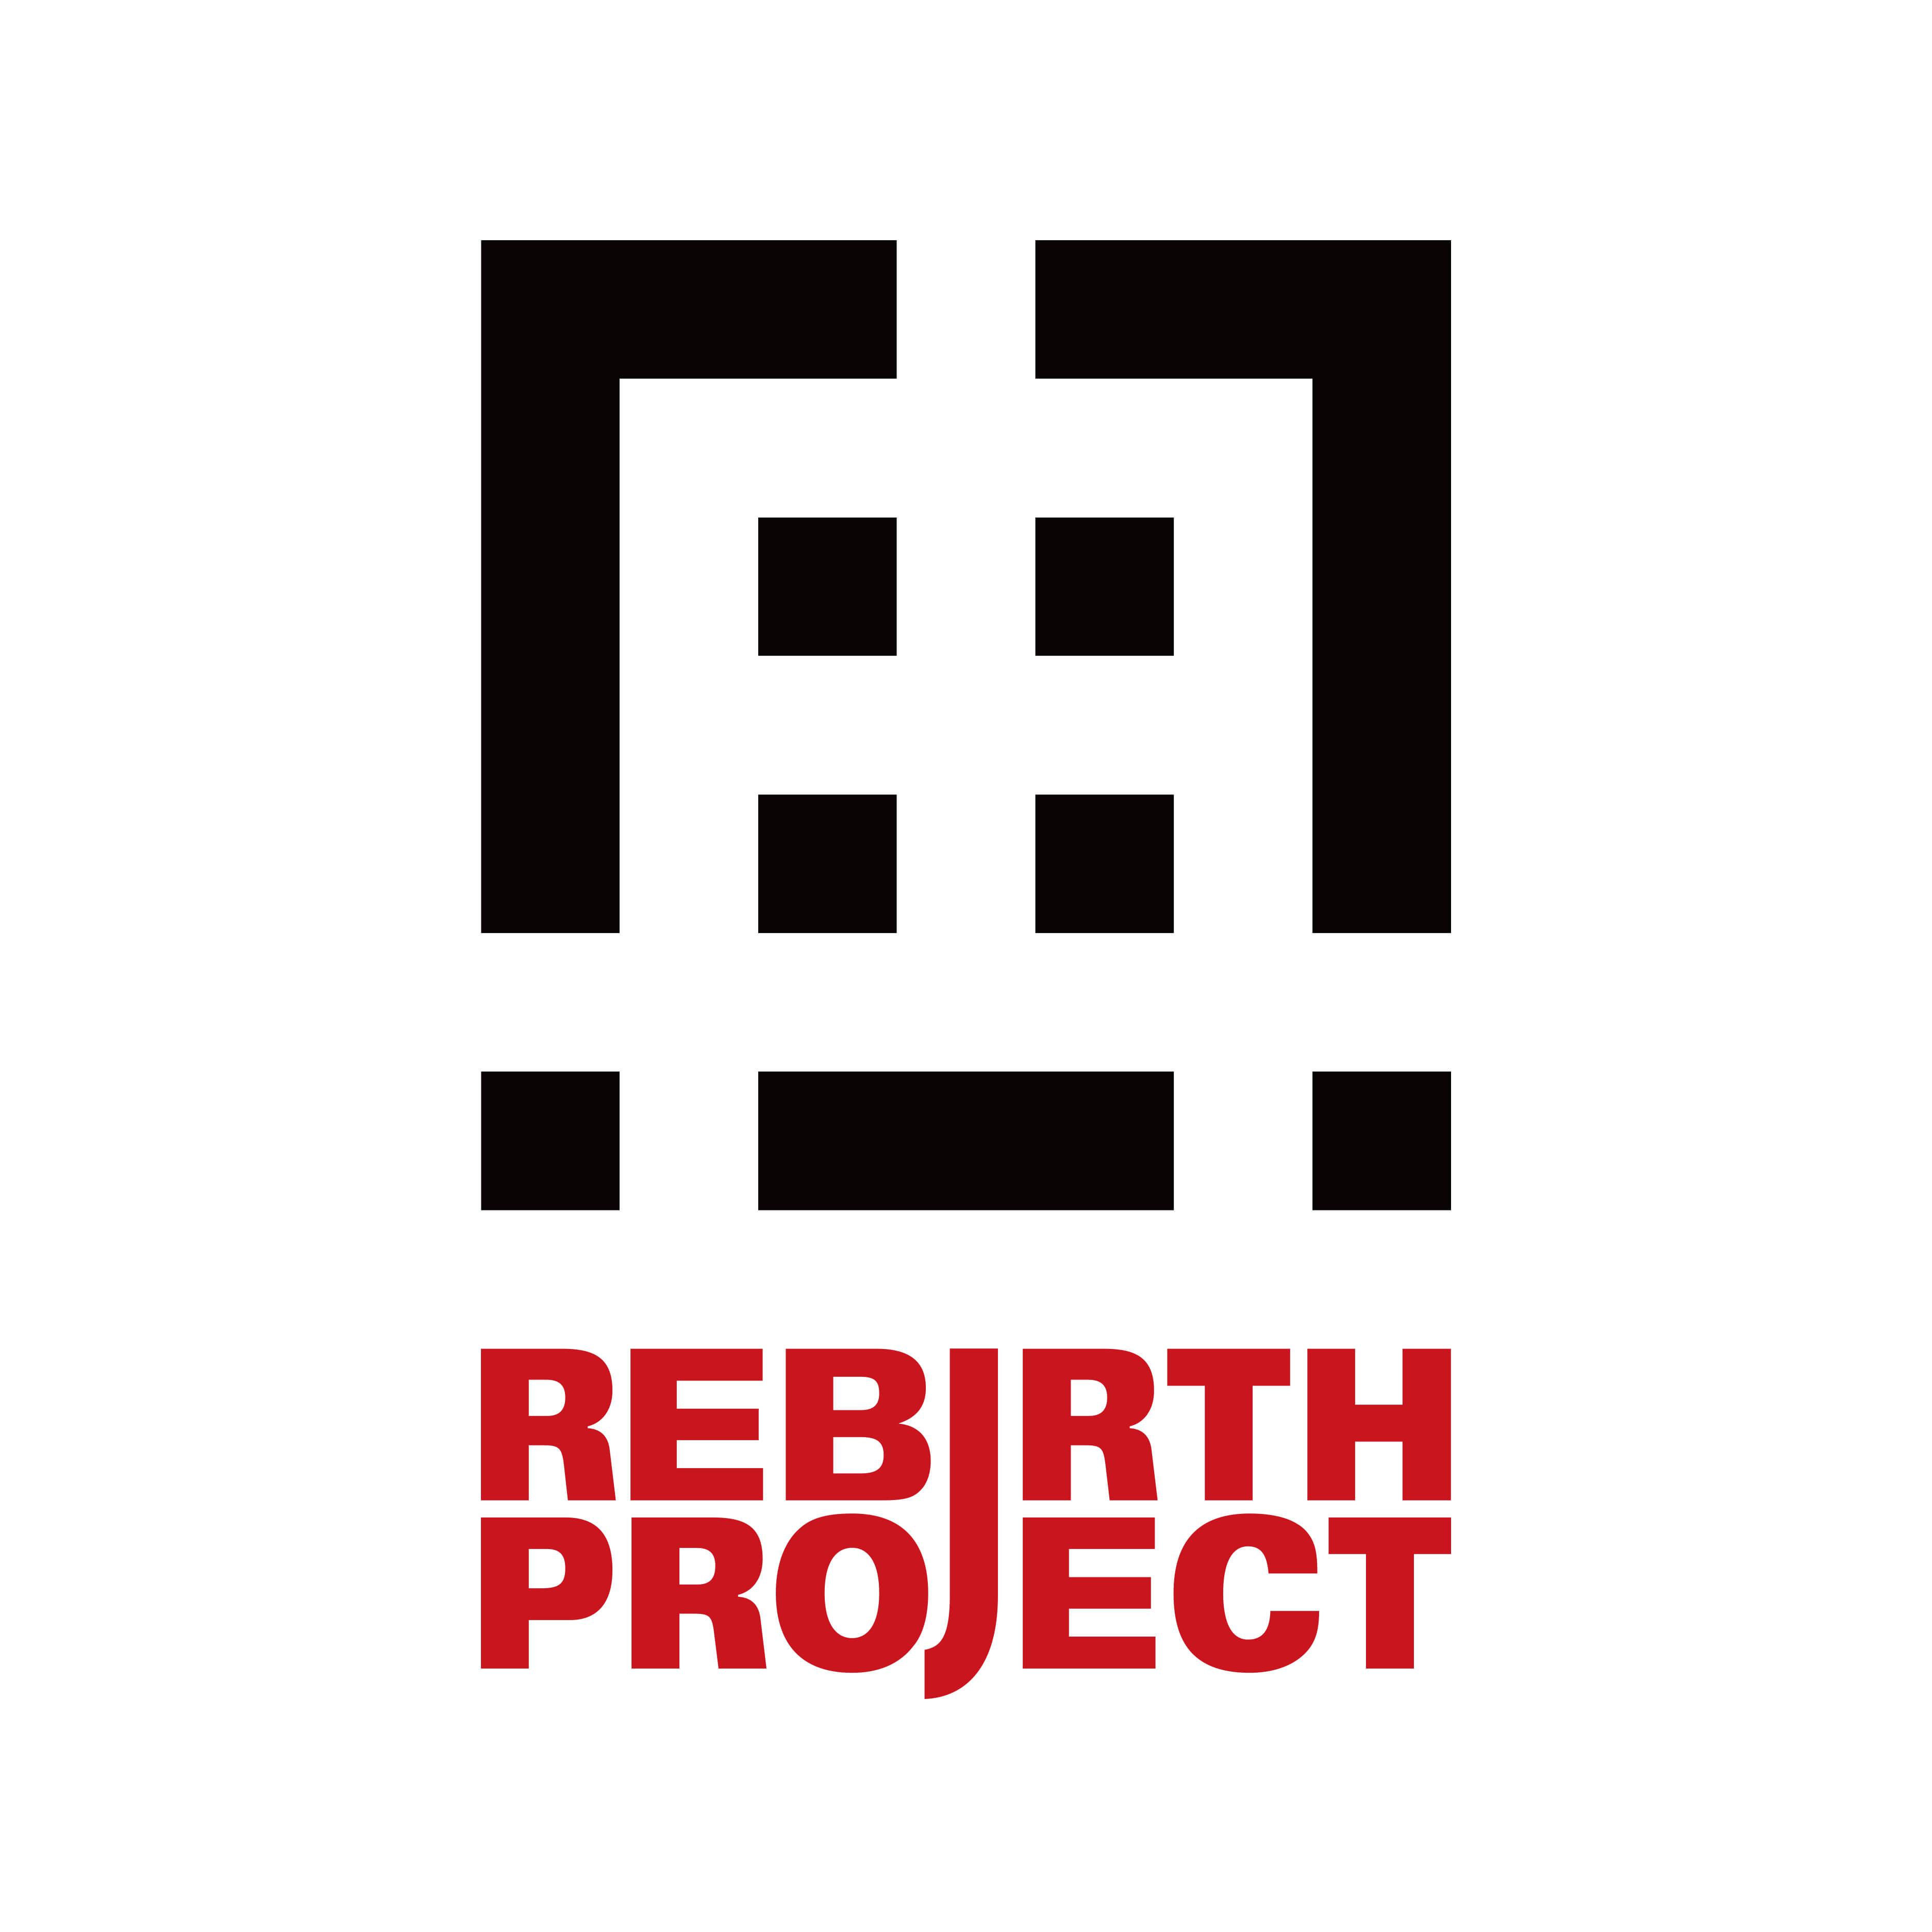 株式会社リバースプロジェクトストアのロゴ写真